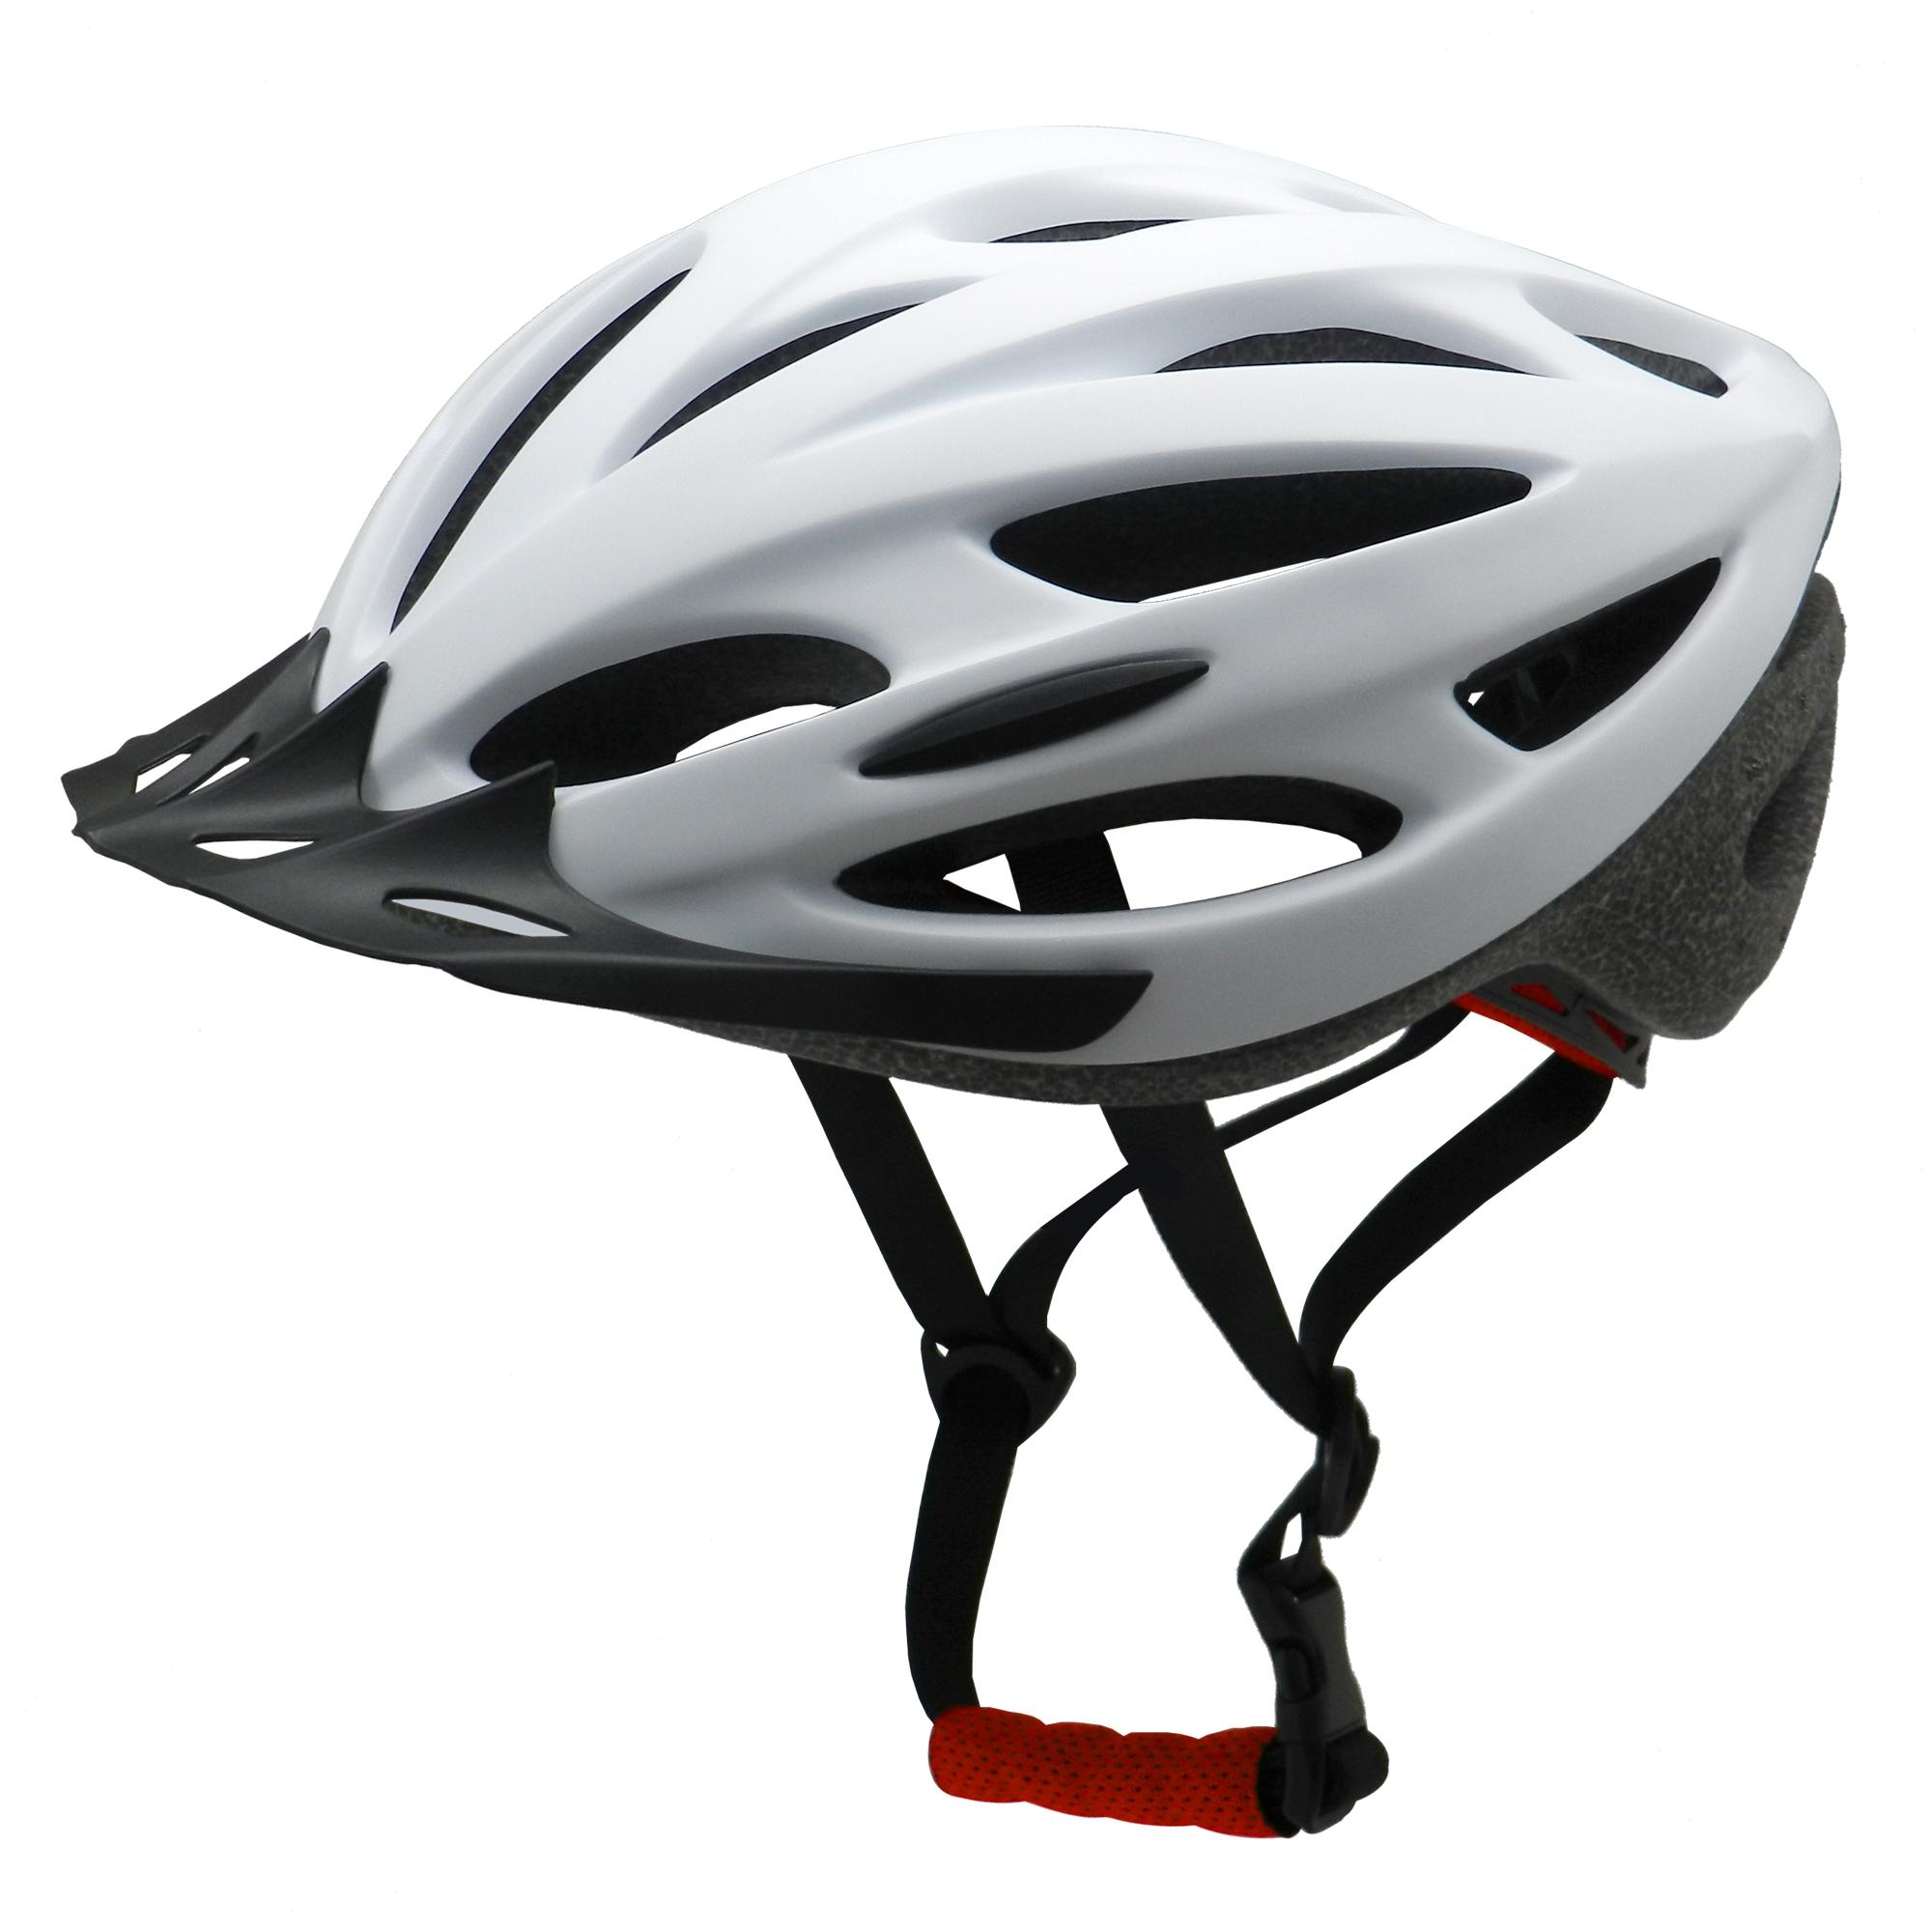 casques de v los ce adultes sport aurora recommand les casques de moto bd01. Black Bedroom Furniture Sets. Home Design Ideas